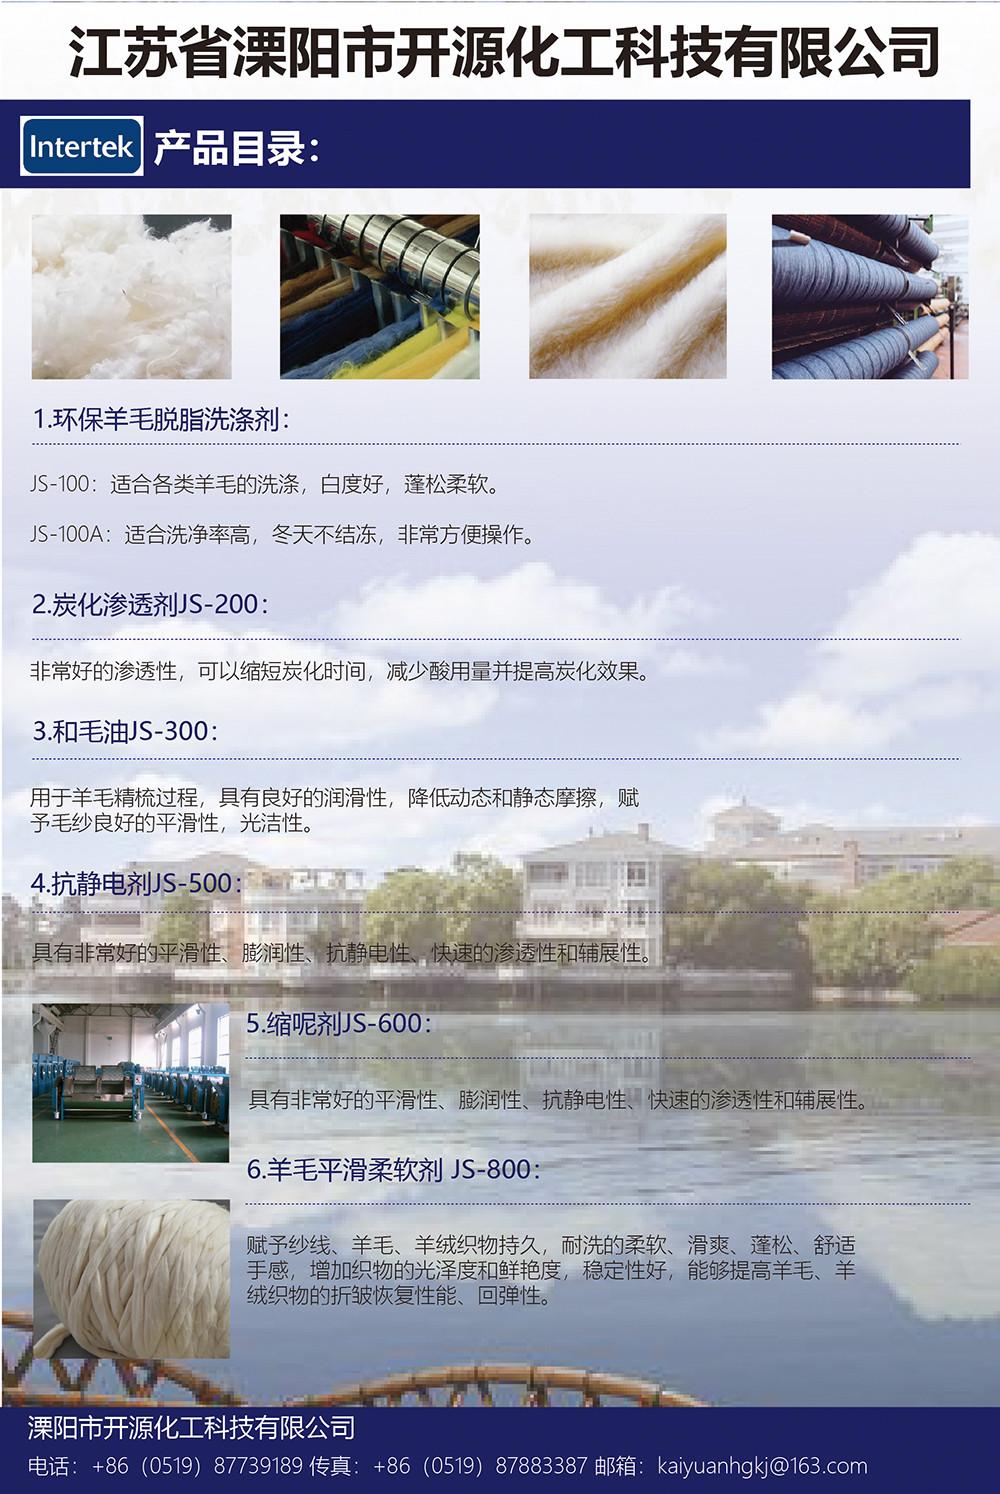 溧阳-01.jpg